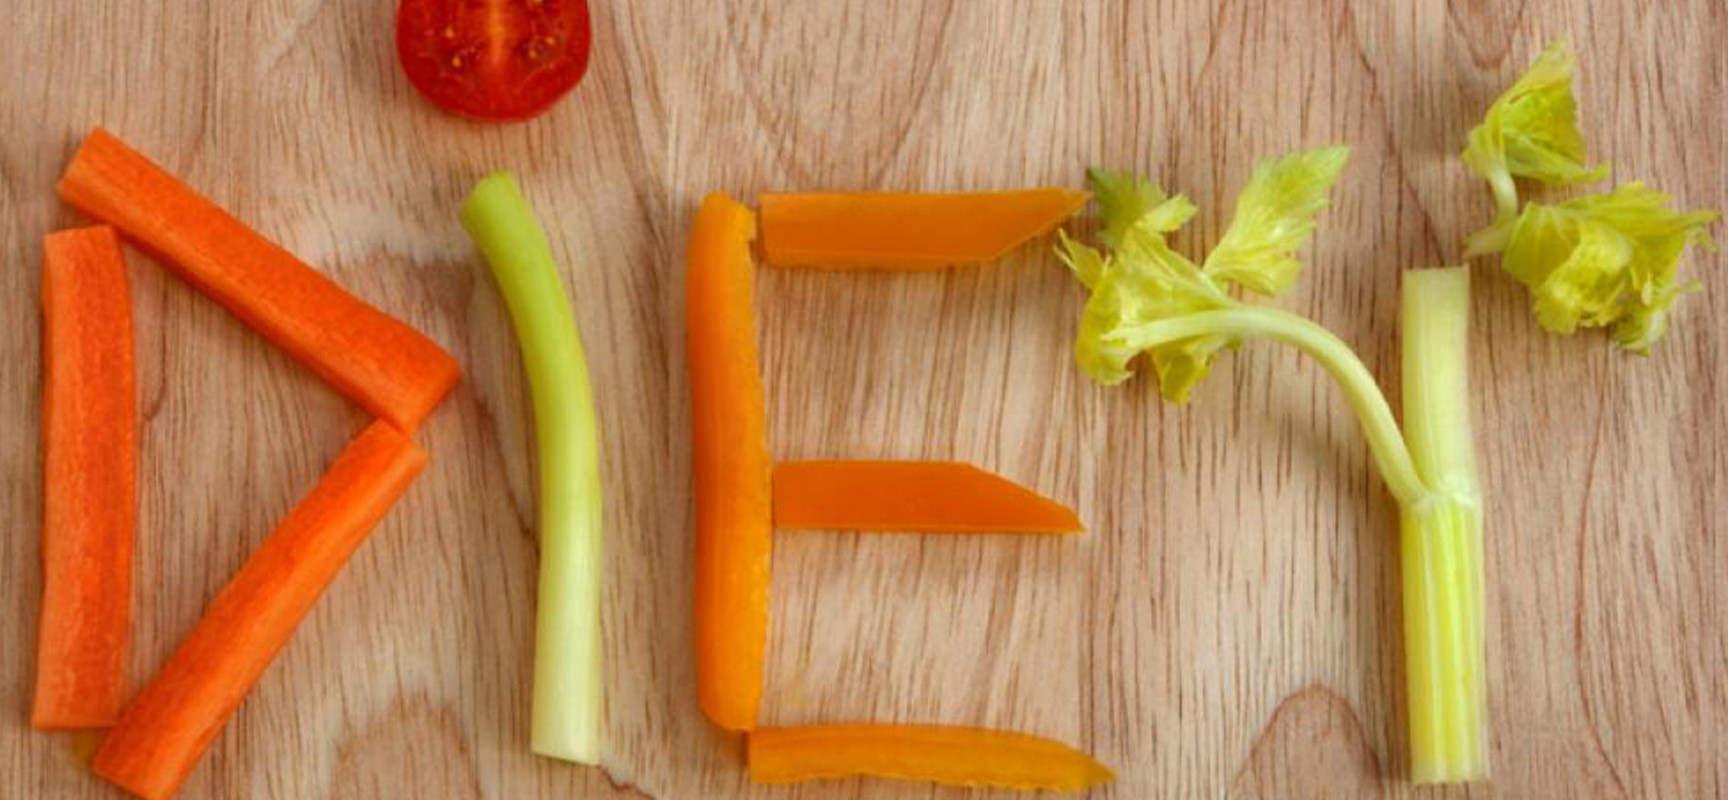 Модельная диета на 3 дня. модельная диета на 3 дня (минус 3-5 кг)